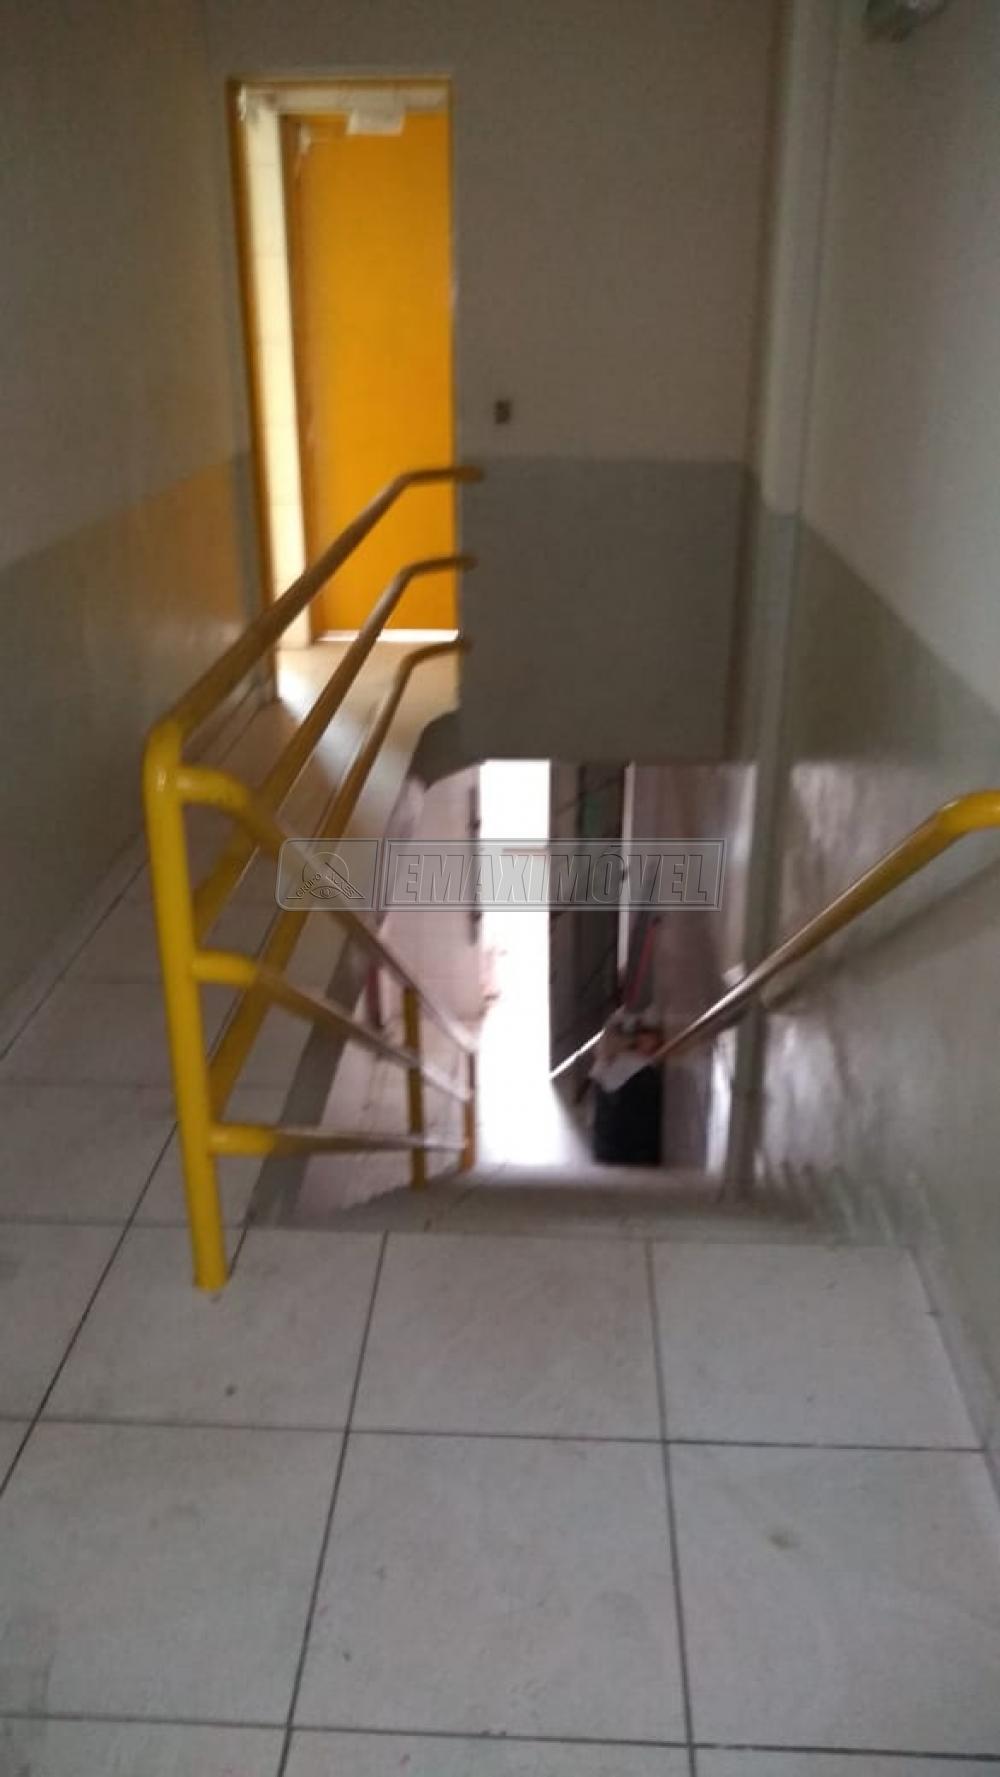 Alugar Comercial / Salões em Sorocaba apenas R$ 3.500,00 - Foto 11